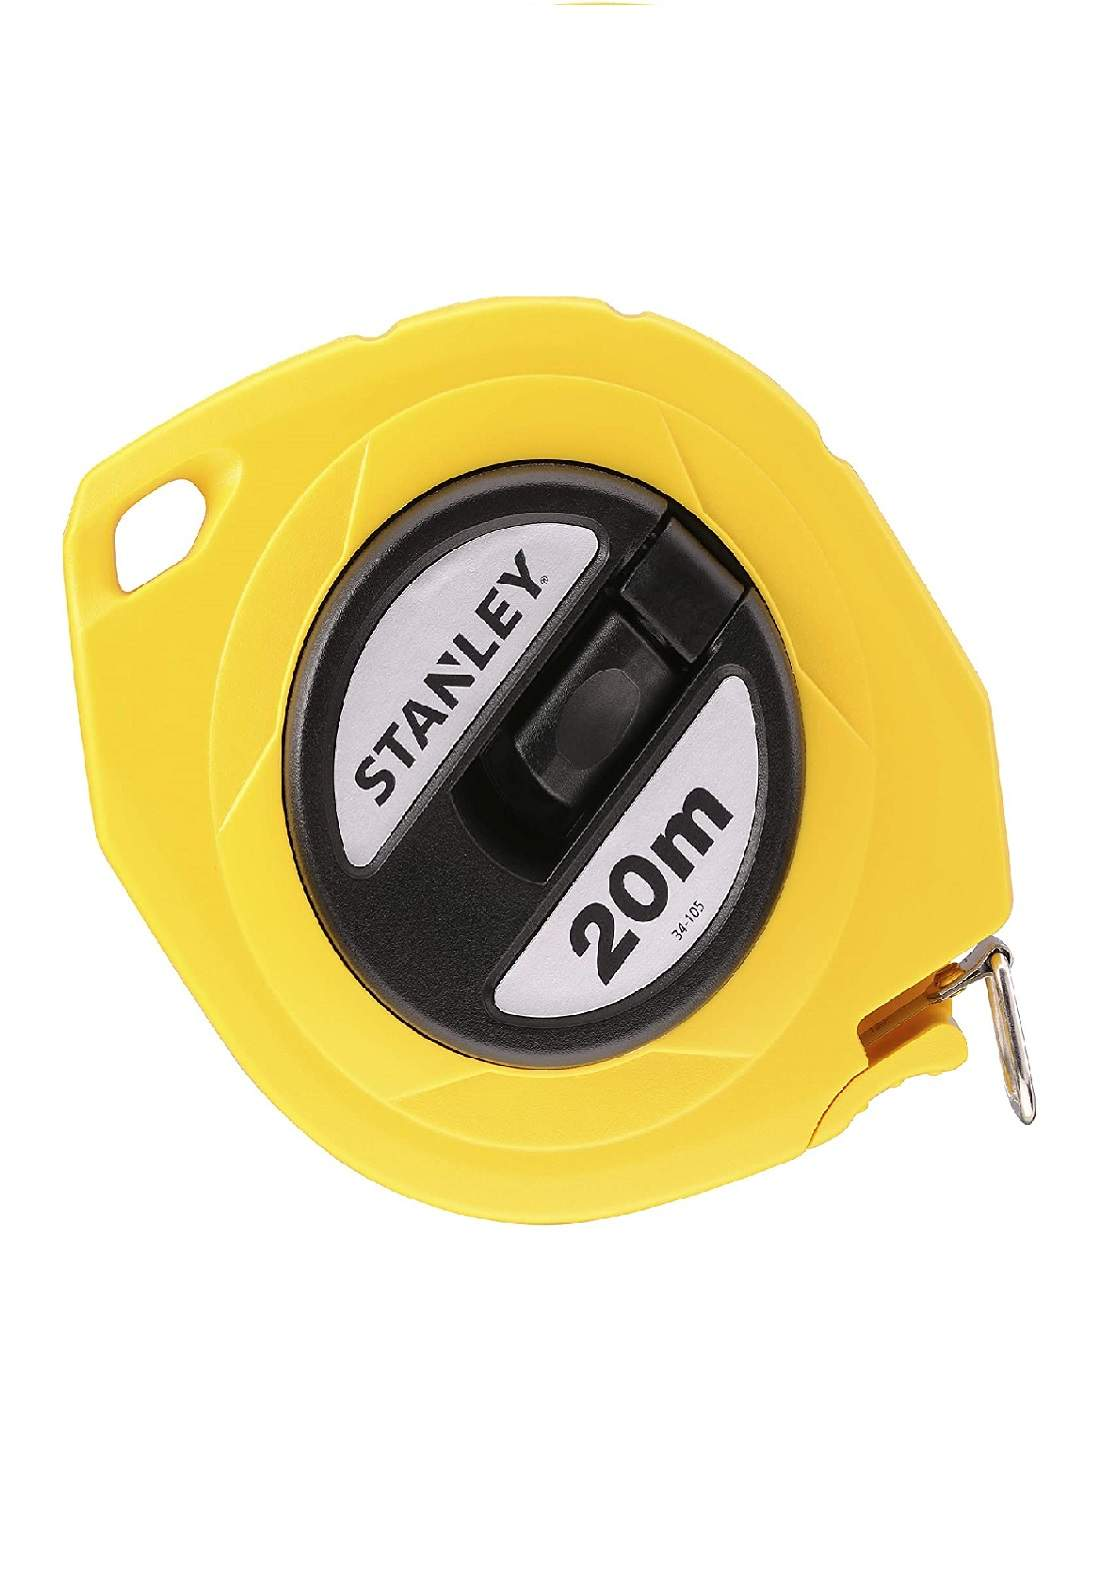 Stanley 0-34-105  Measuring Tape 20M x 10mm فيتة  20 م